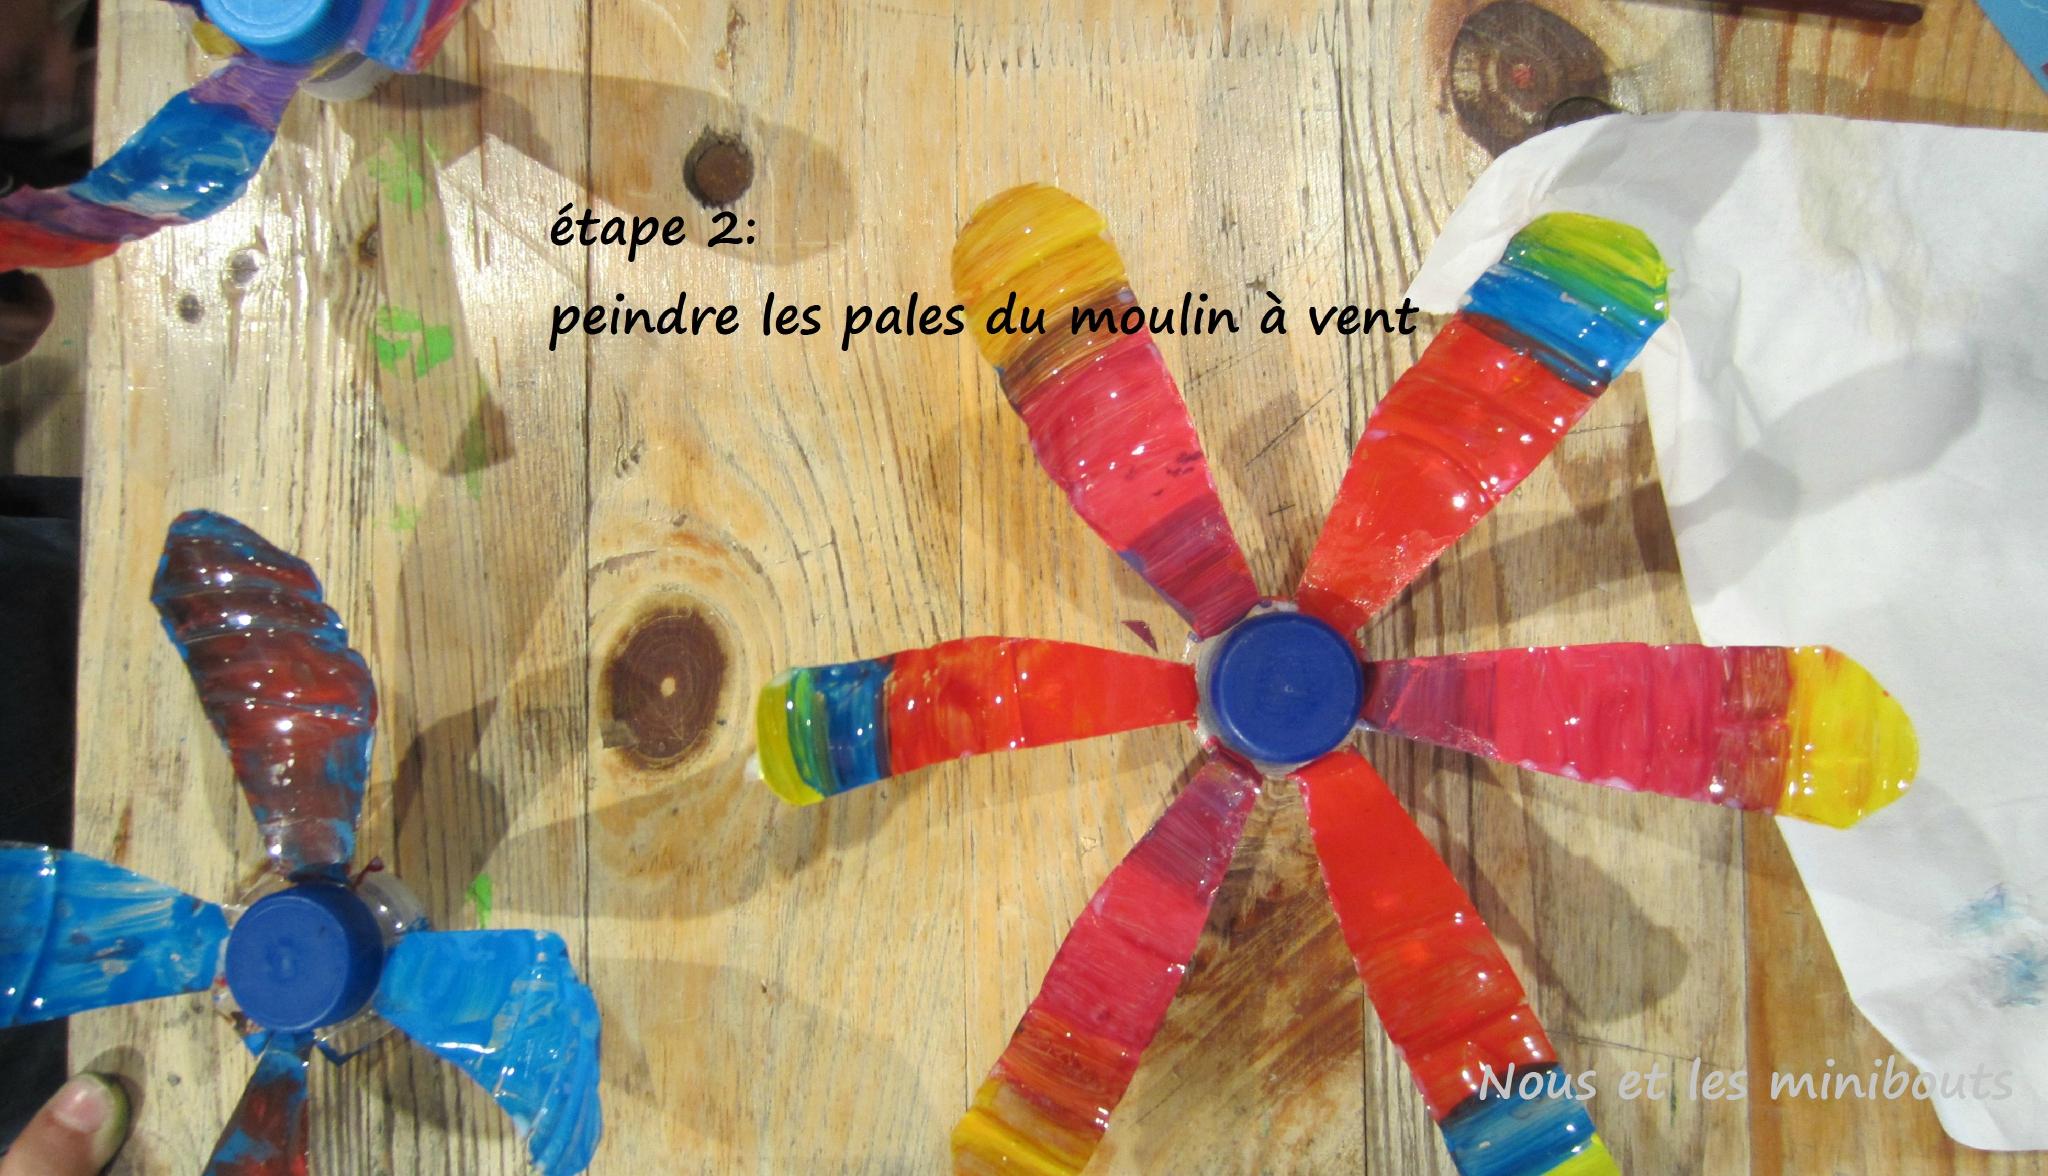 Diy : Comment Fabriquer Un Moulin À Vent Avec Des Matériaux ... concernant Fabriquer Moulin A Vent De Jardin